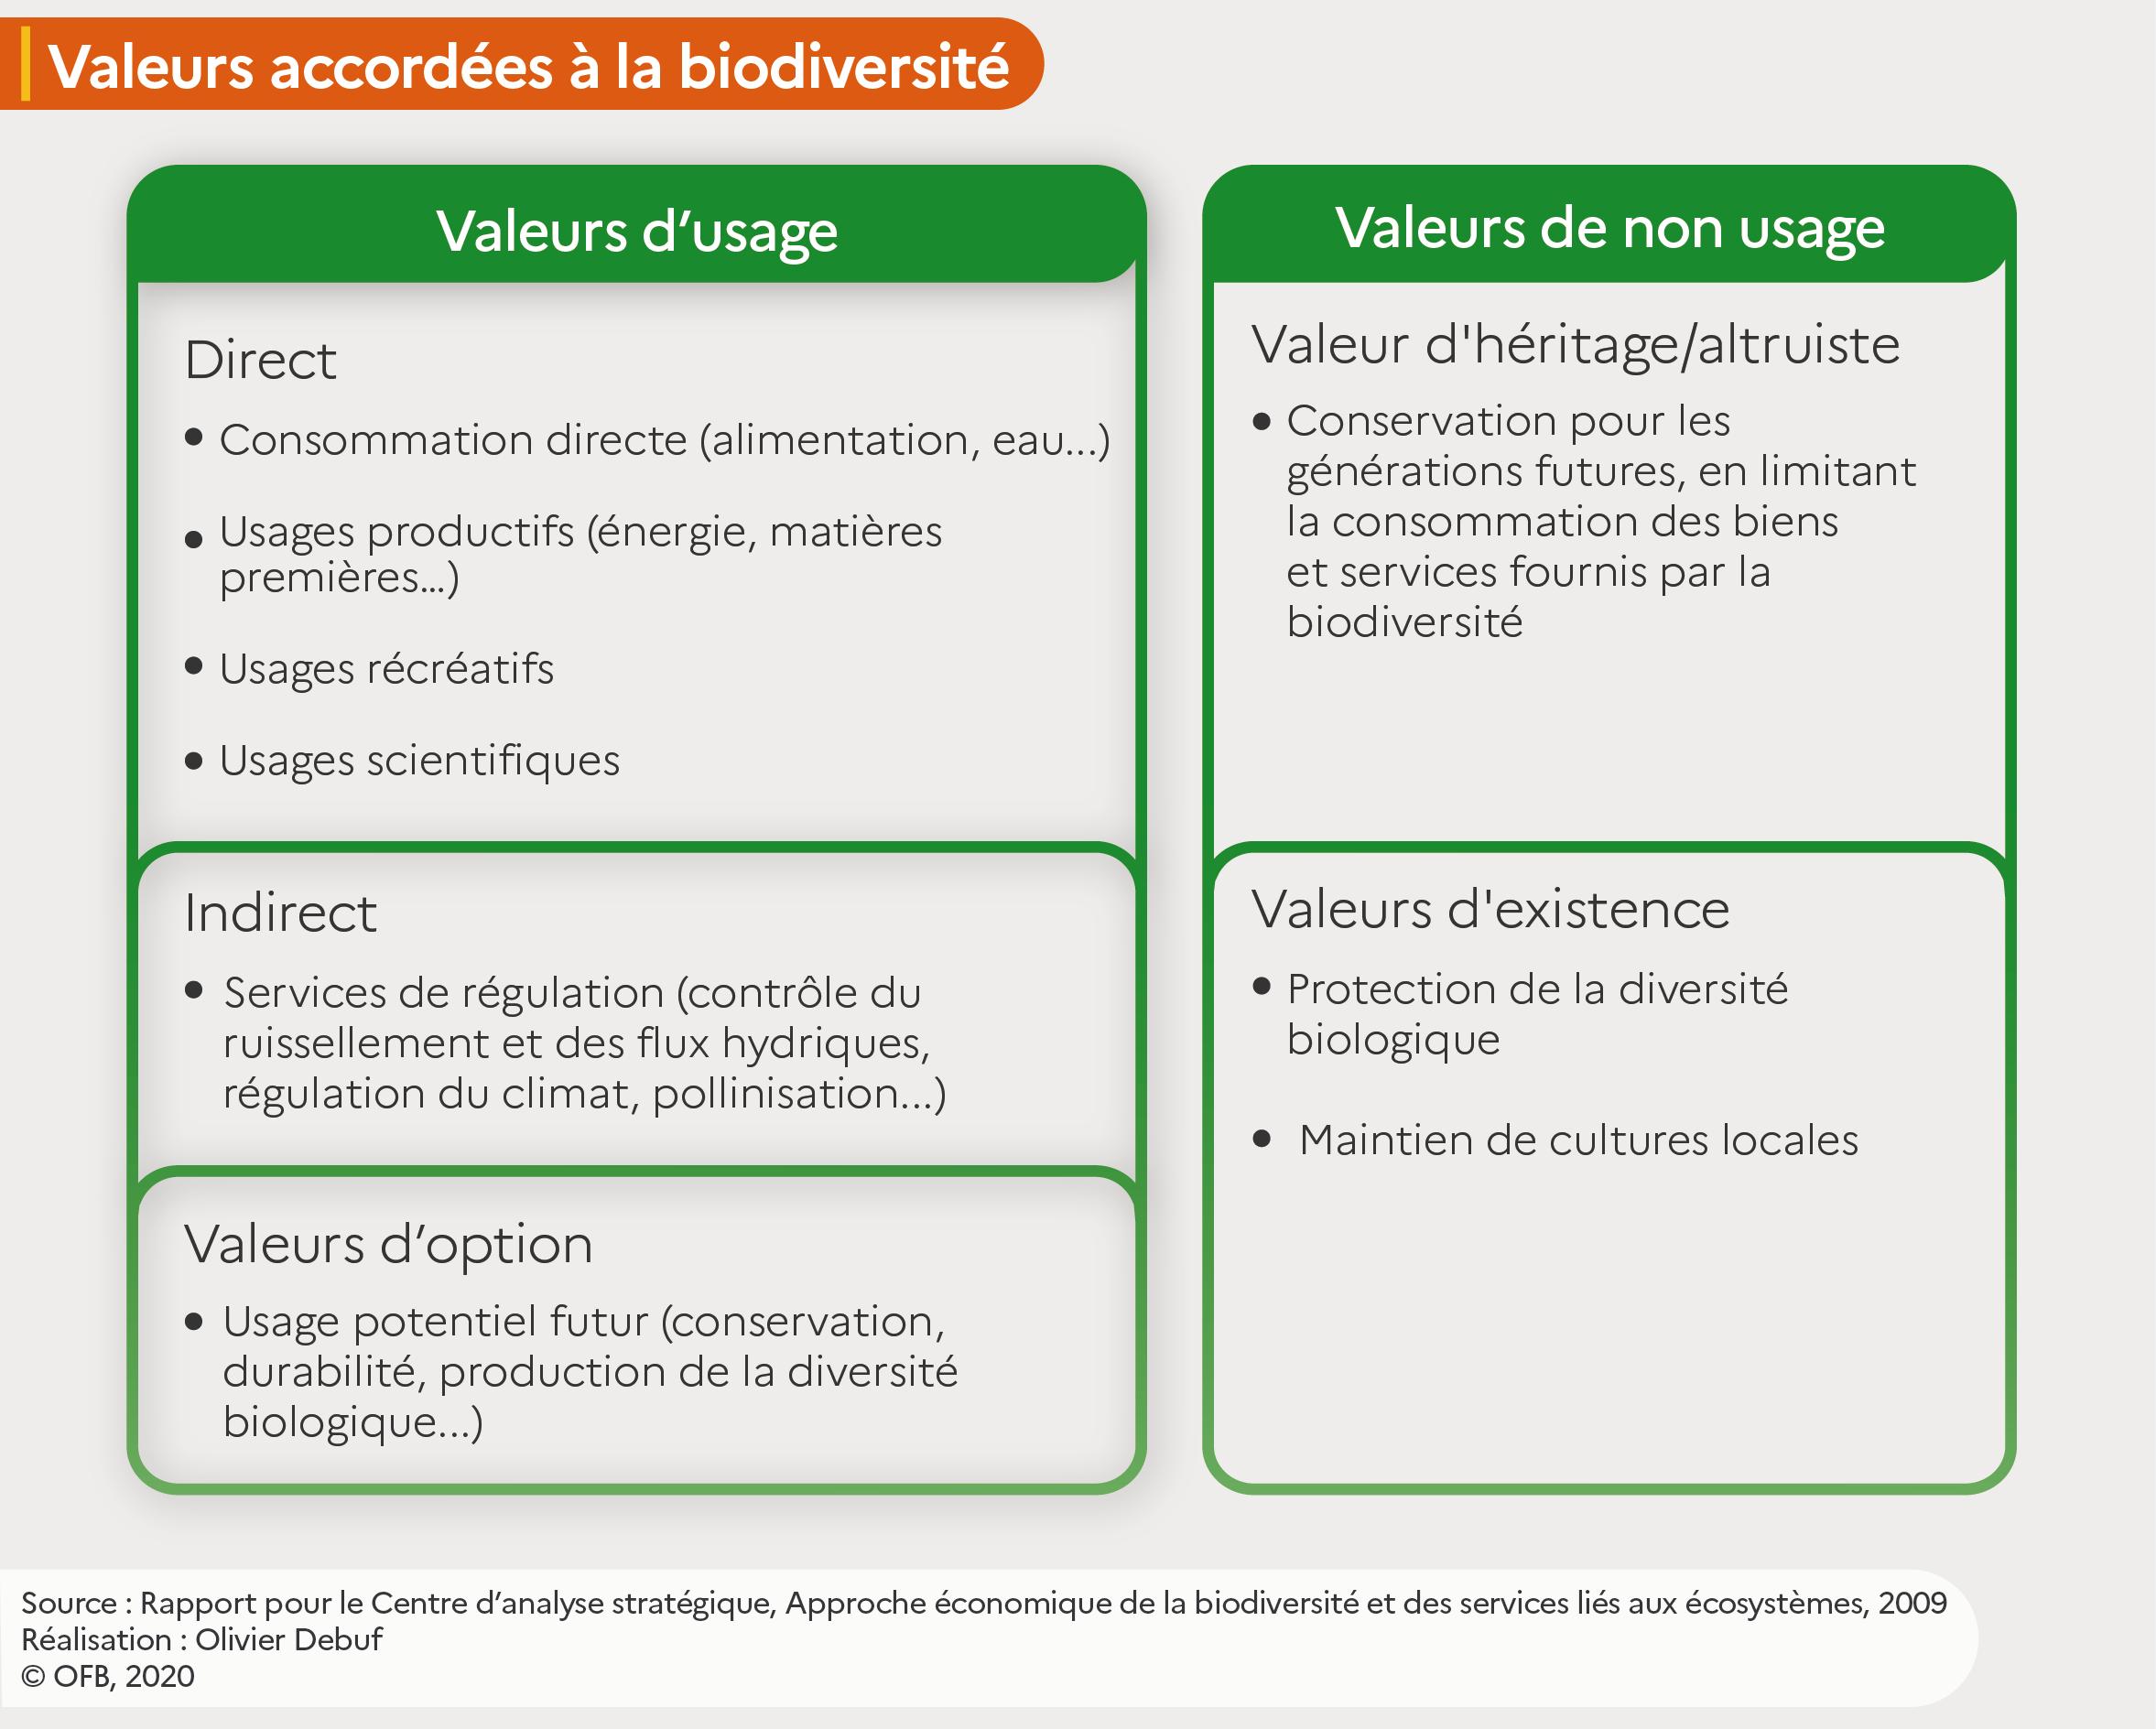 """Tableau """"Les valeurs d'usage et de non usage accordées à la biodiversité"""